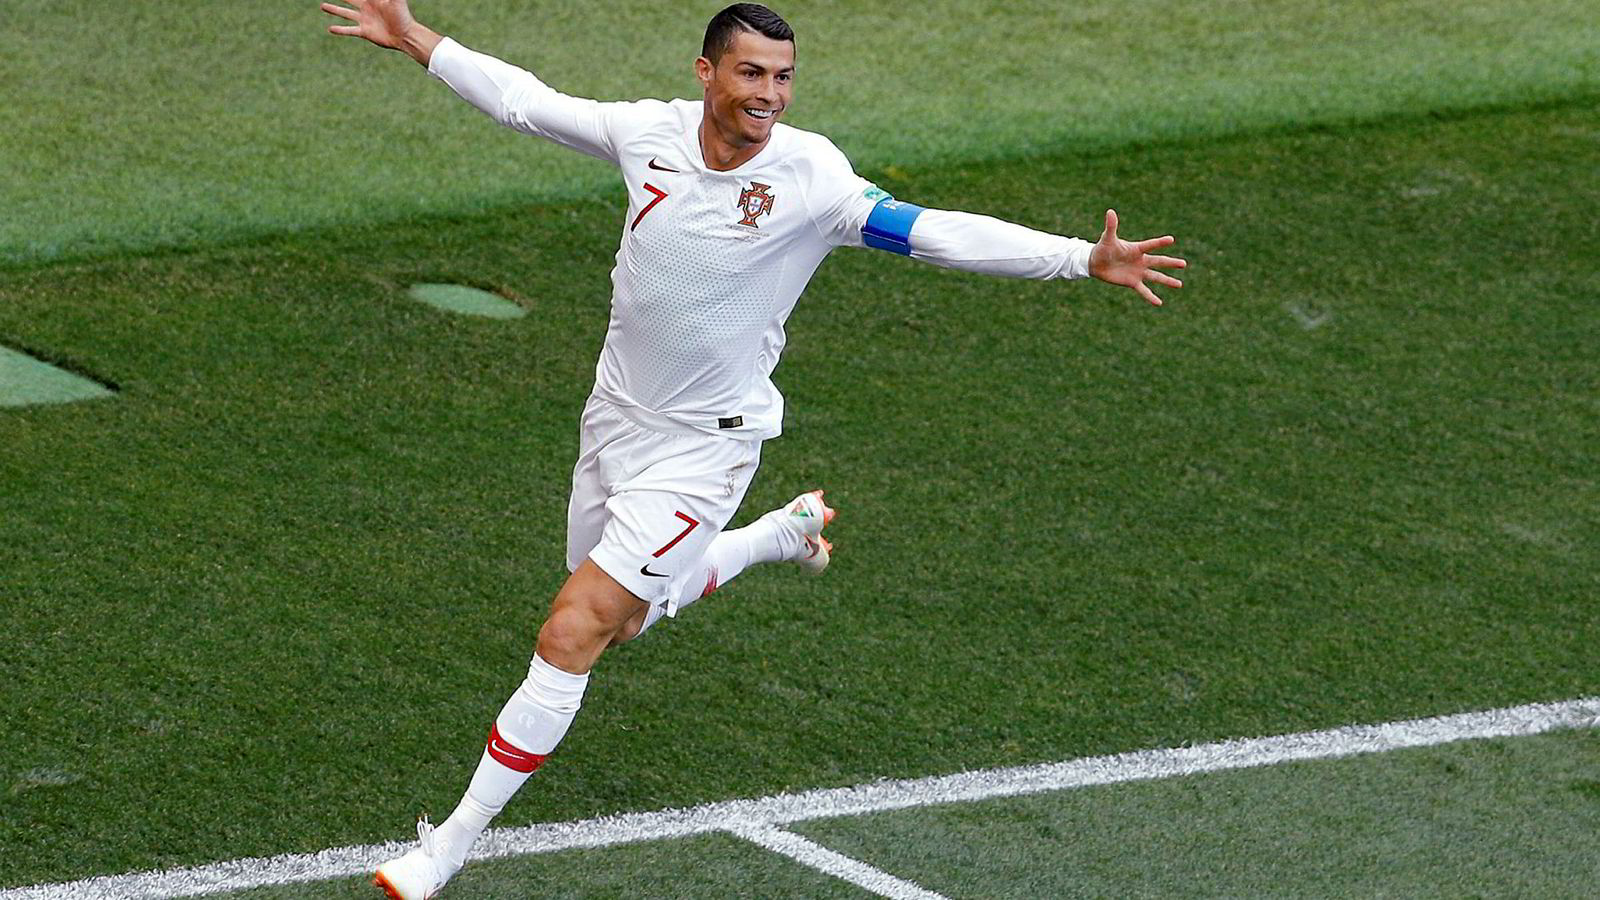 Portugals Cristiano Ronaldo jubler etter å ha scoret det eneste og dermed avgjørende målet i VM-kampen mot Marokko denne uken. Ronaldo er foreløpig toppscorer i VM med fire mål.